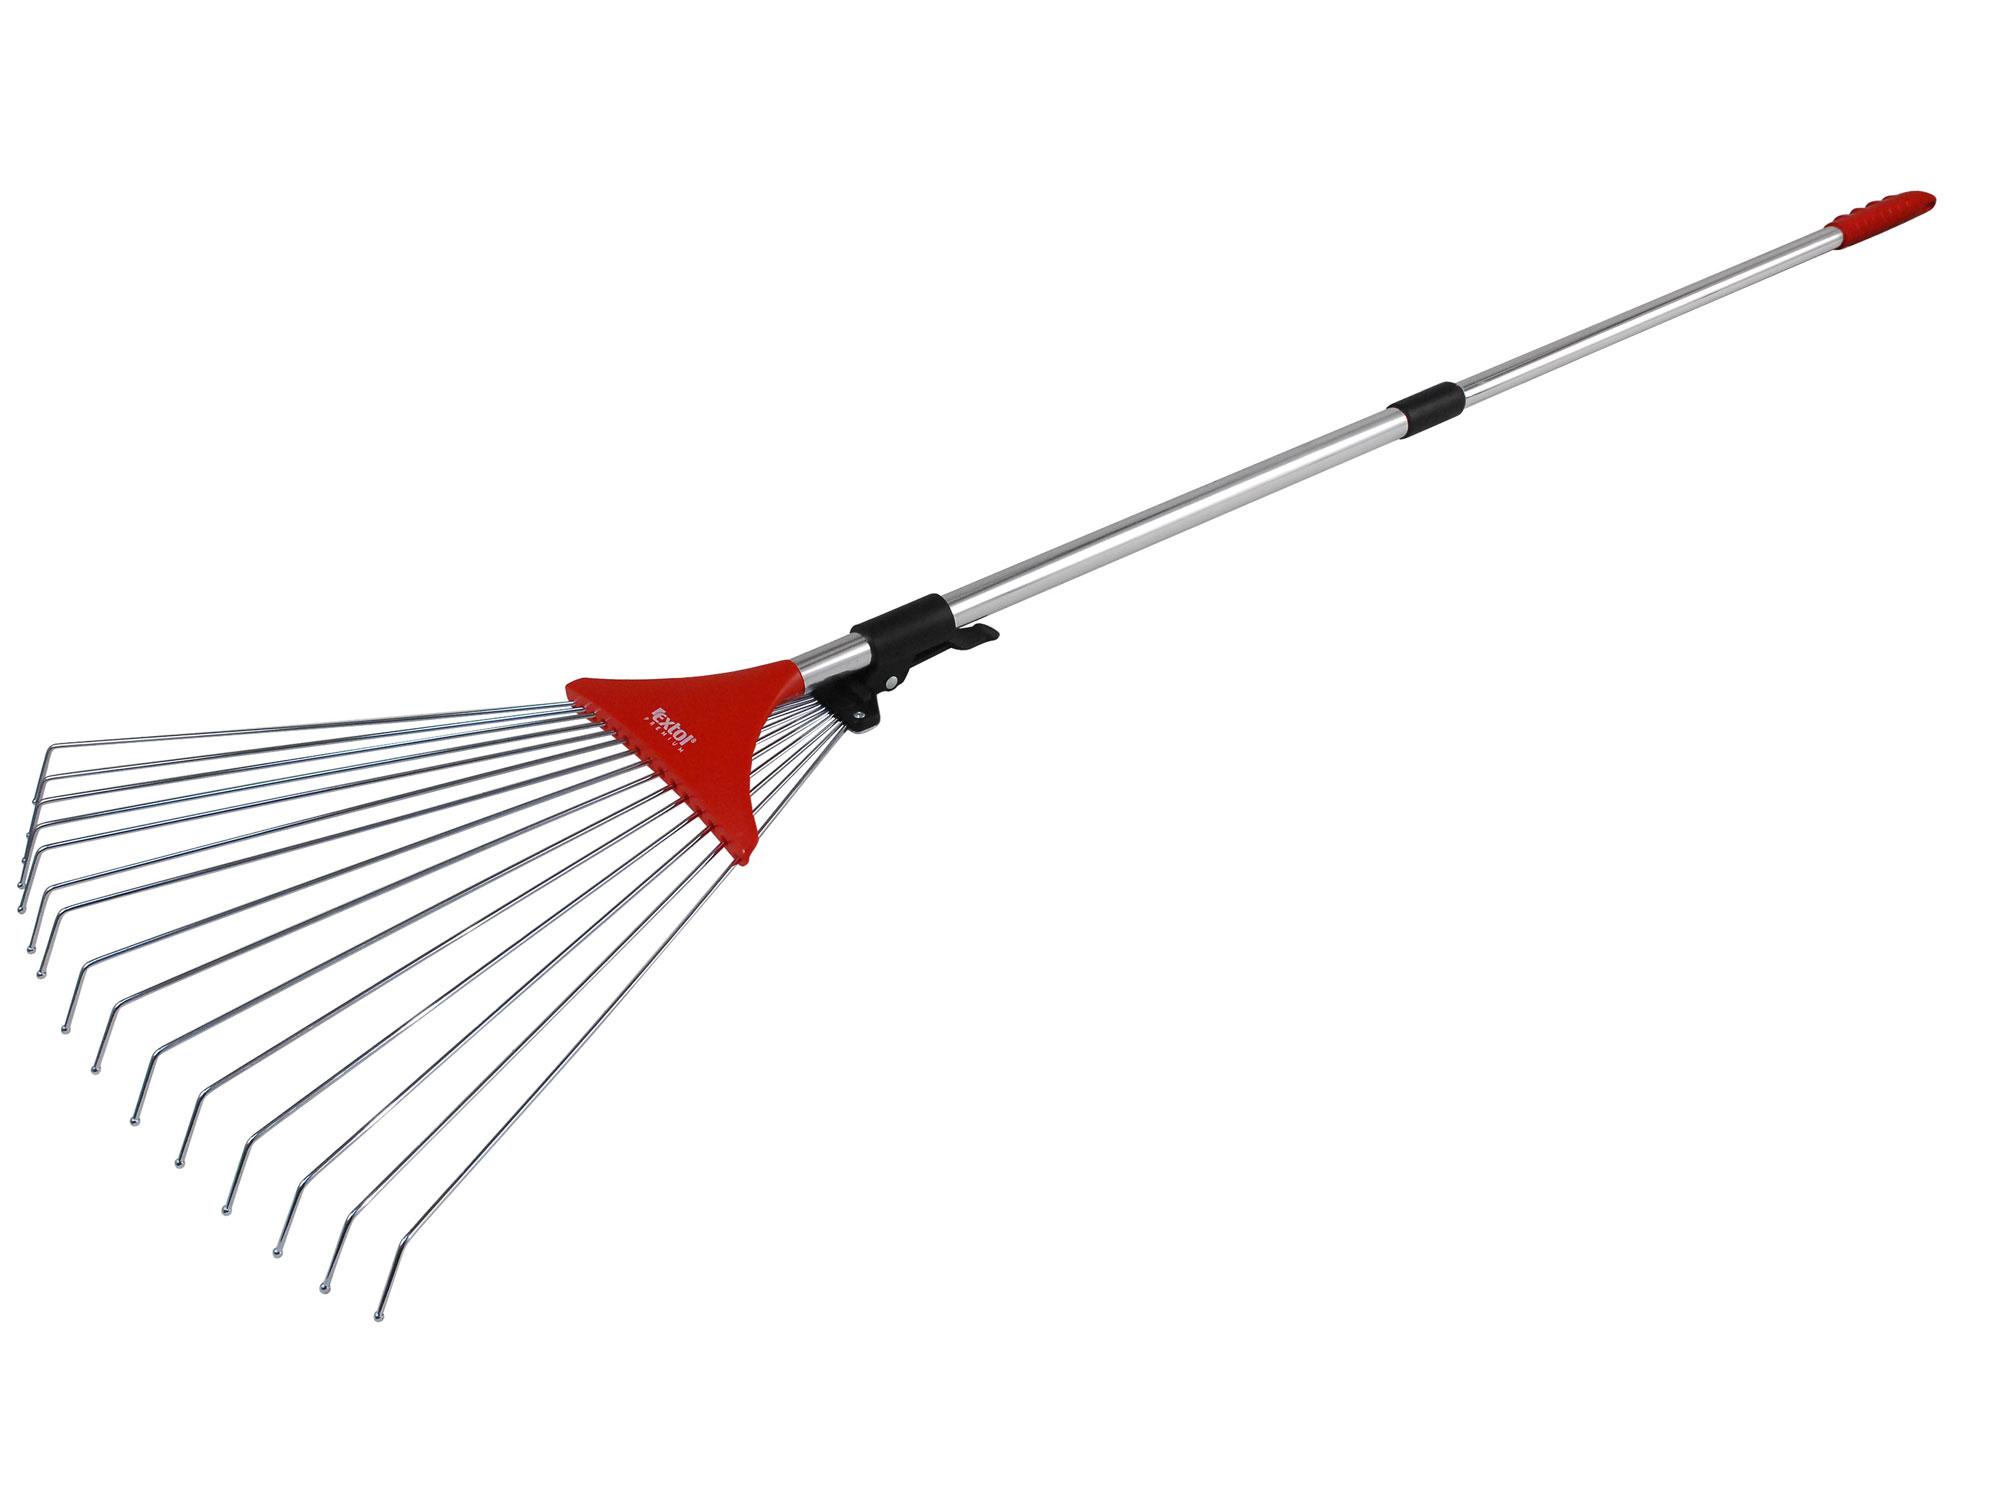 Hrábe nastavitelné s teleskopickou násadou, délka 80-158cm, šírka 18-59cm EXTOL PREMIUM 88